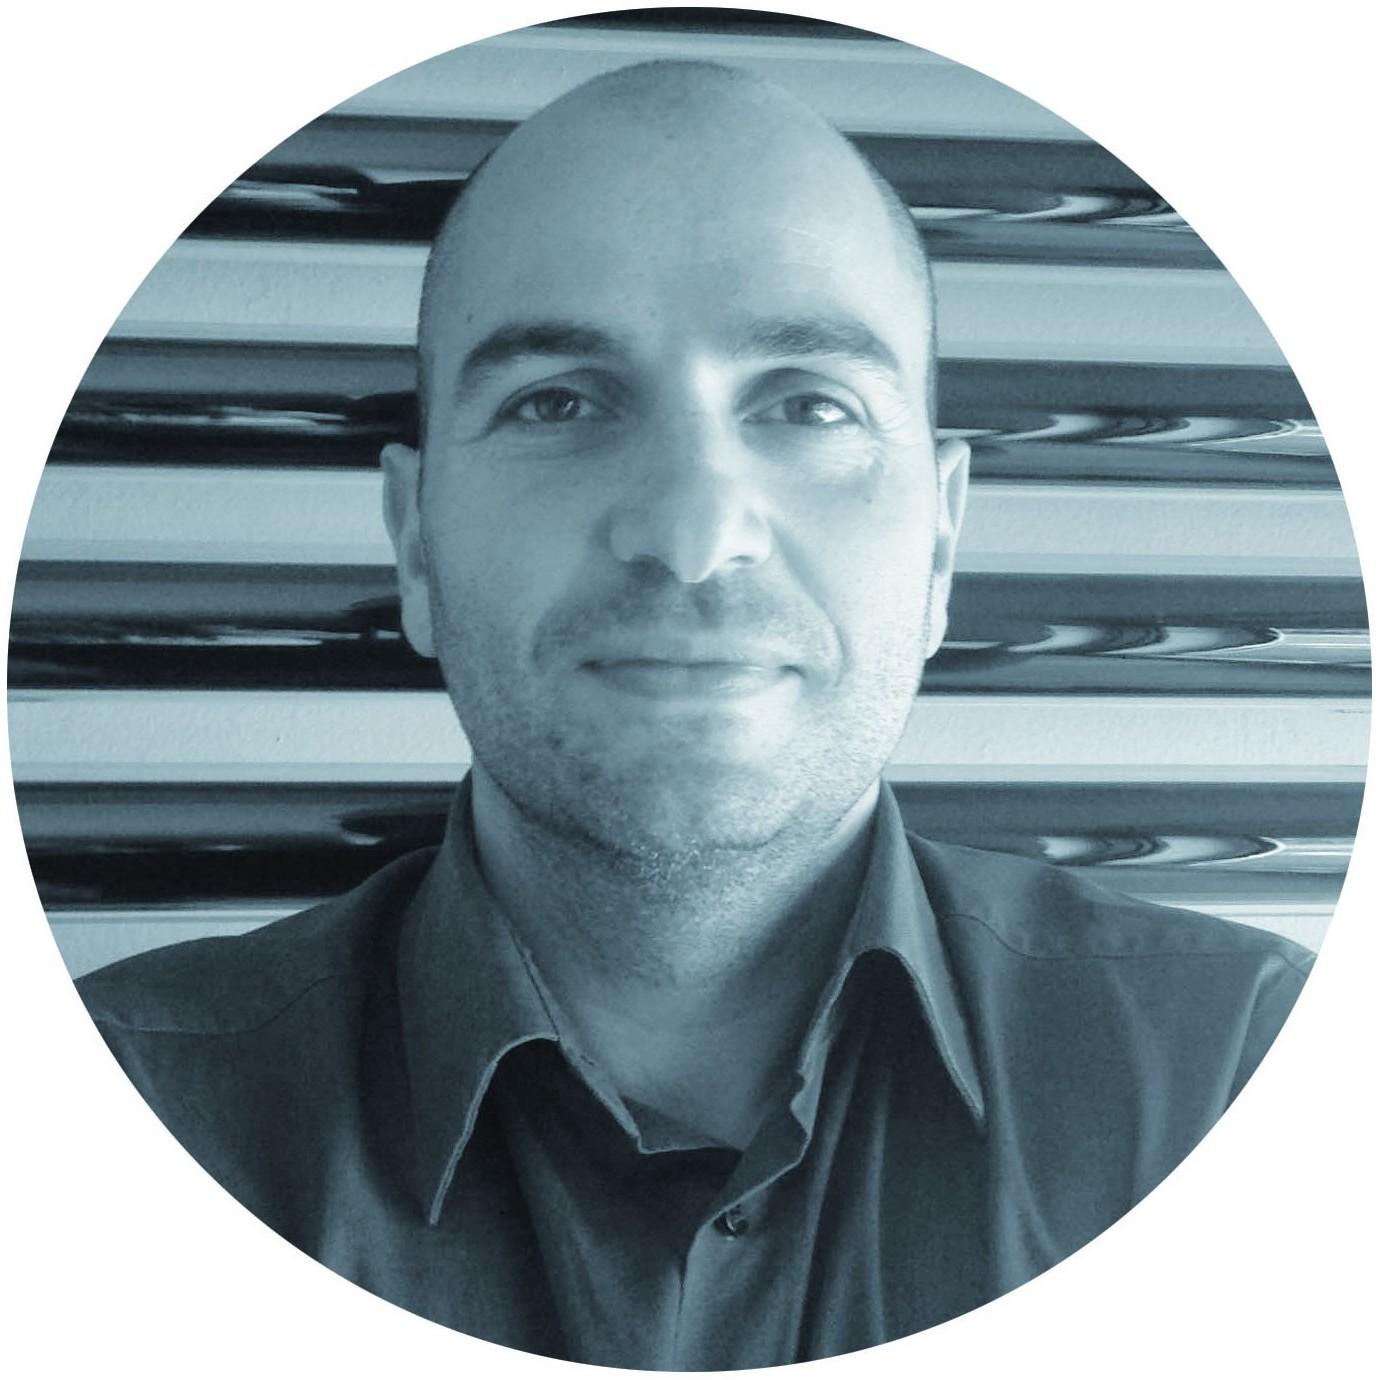 Alec Koulajian